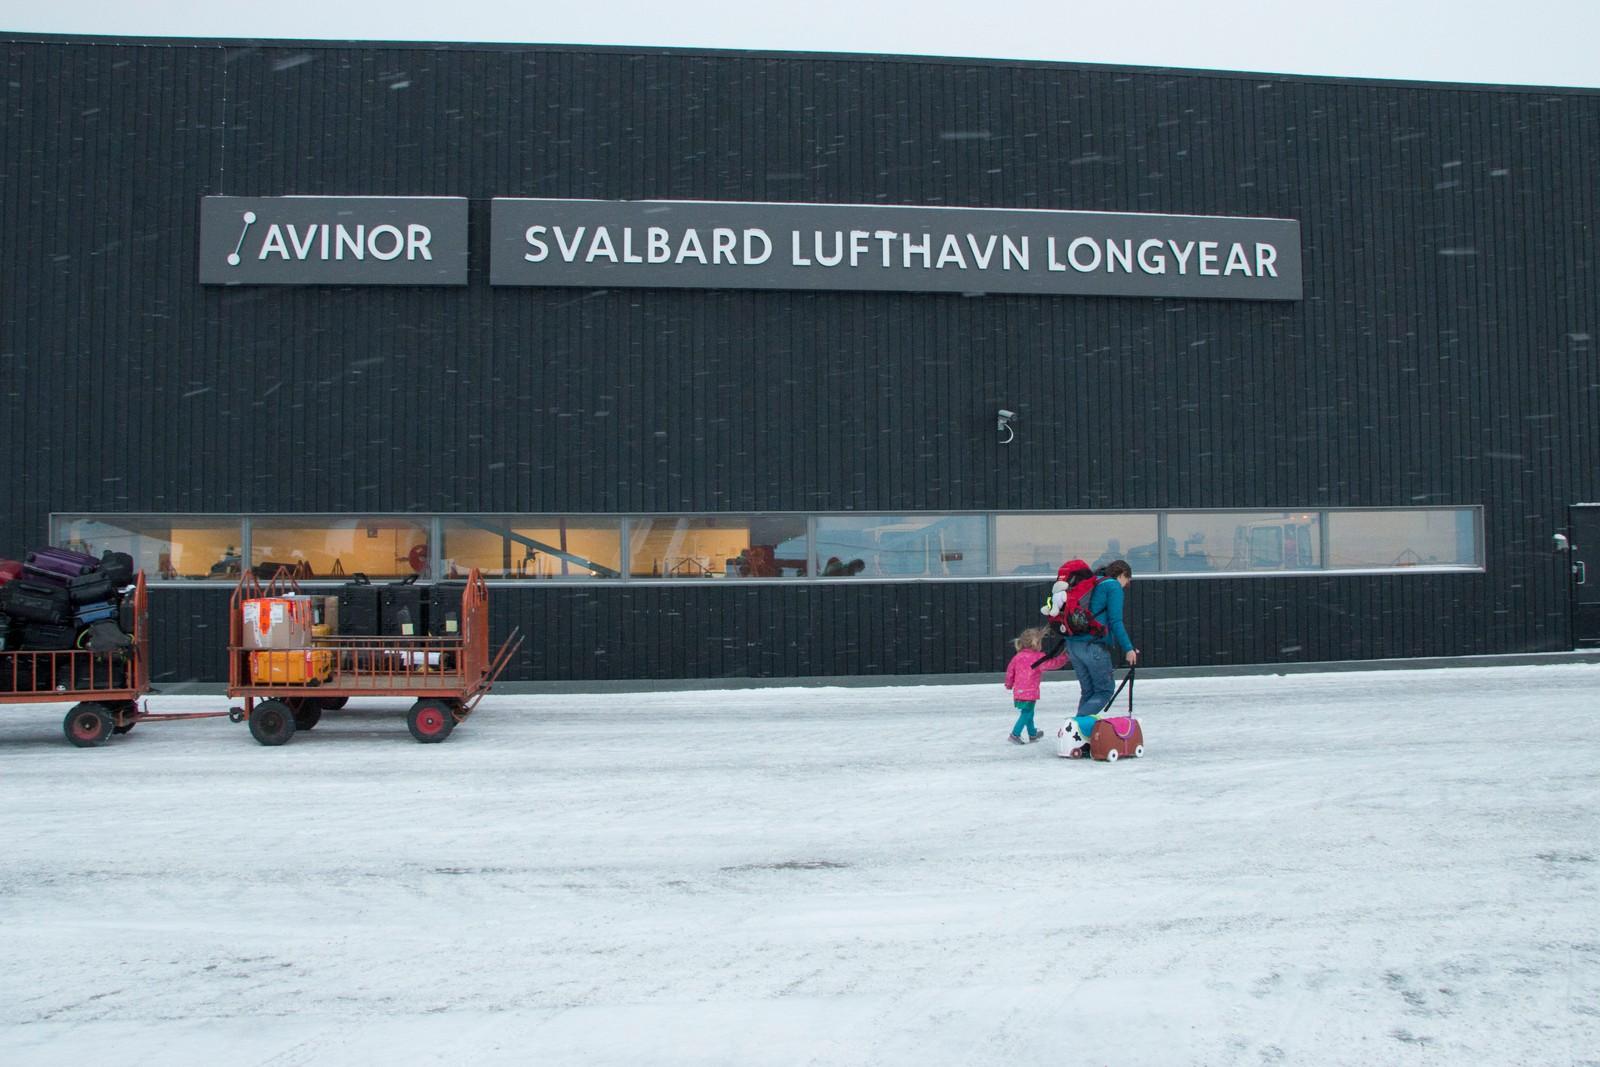 Svalbard Lufthavn Longyear.